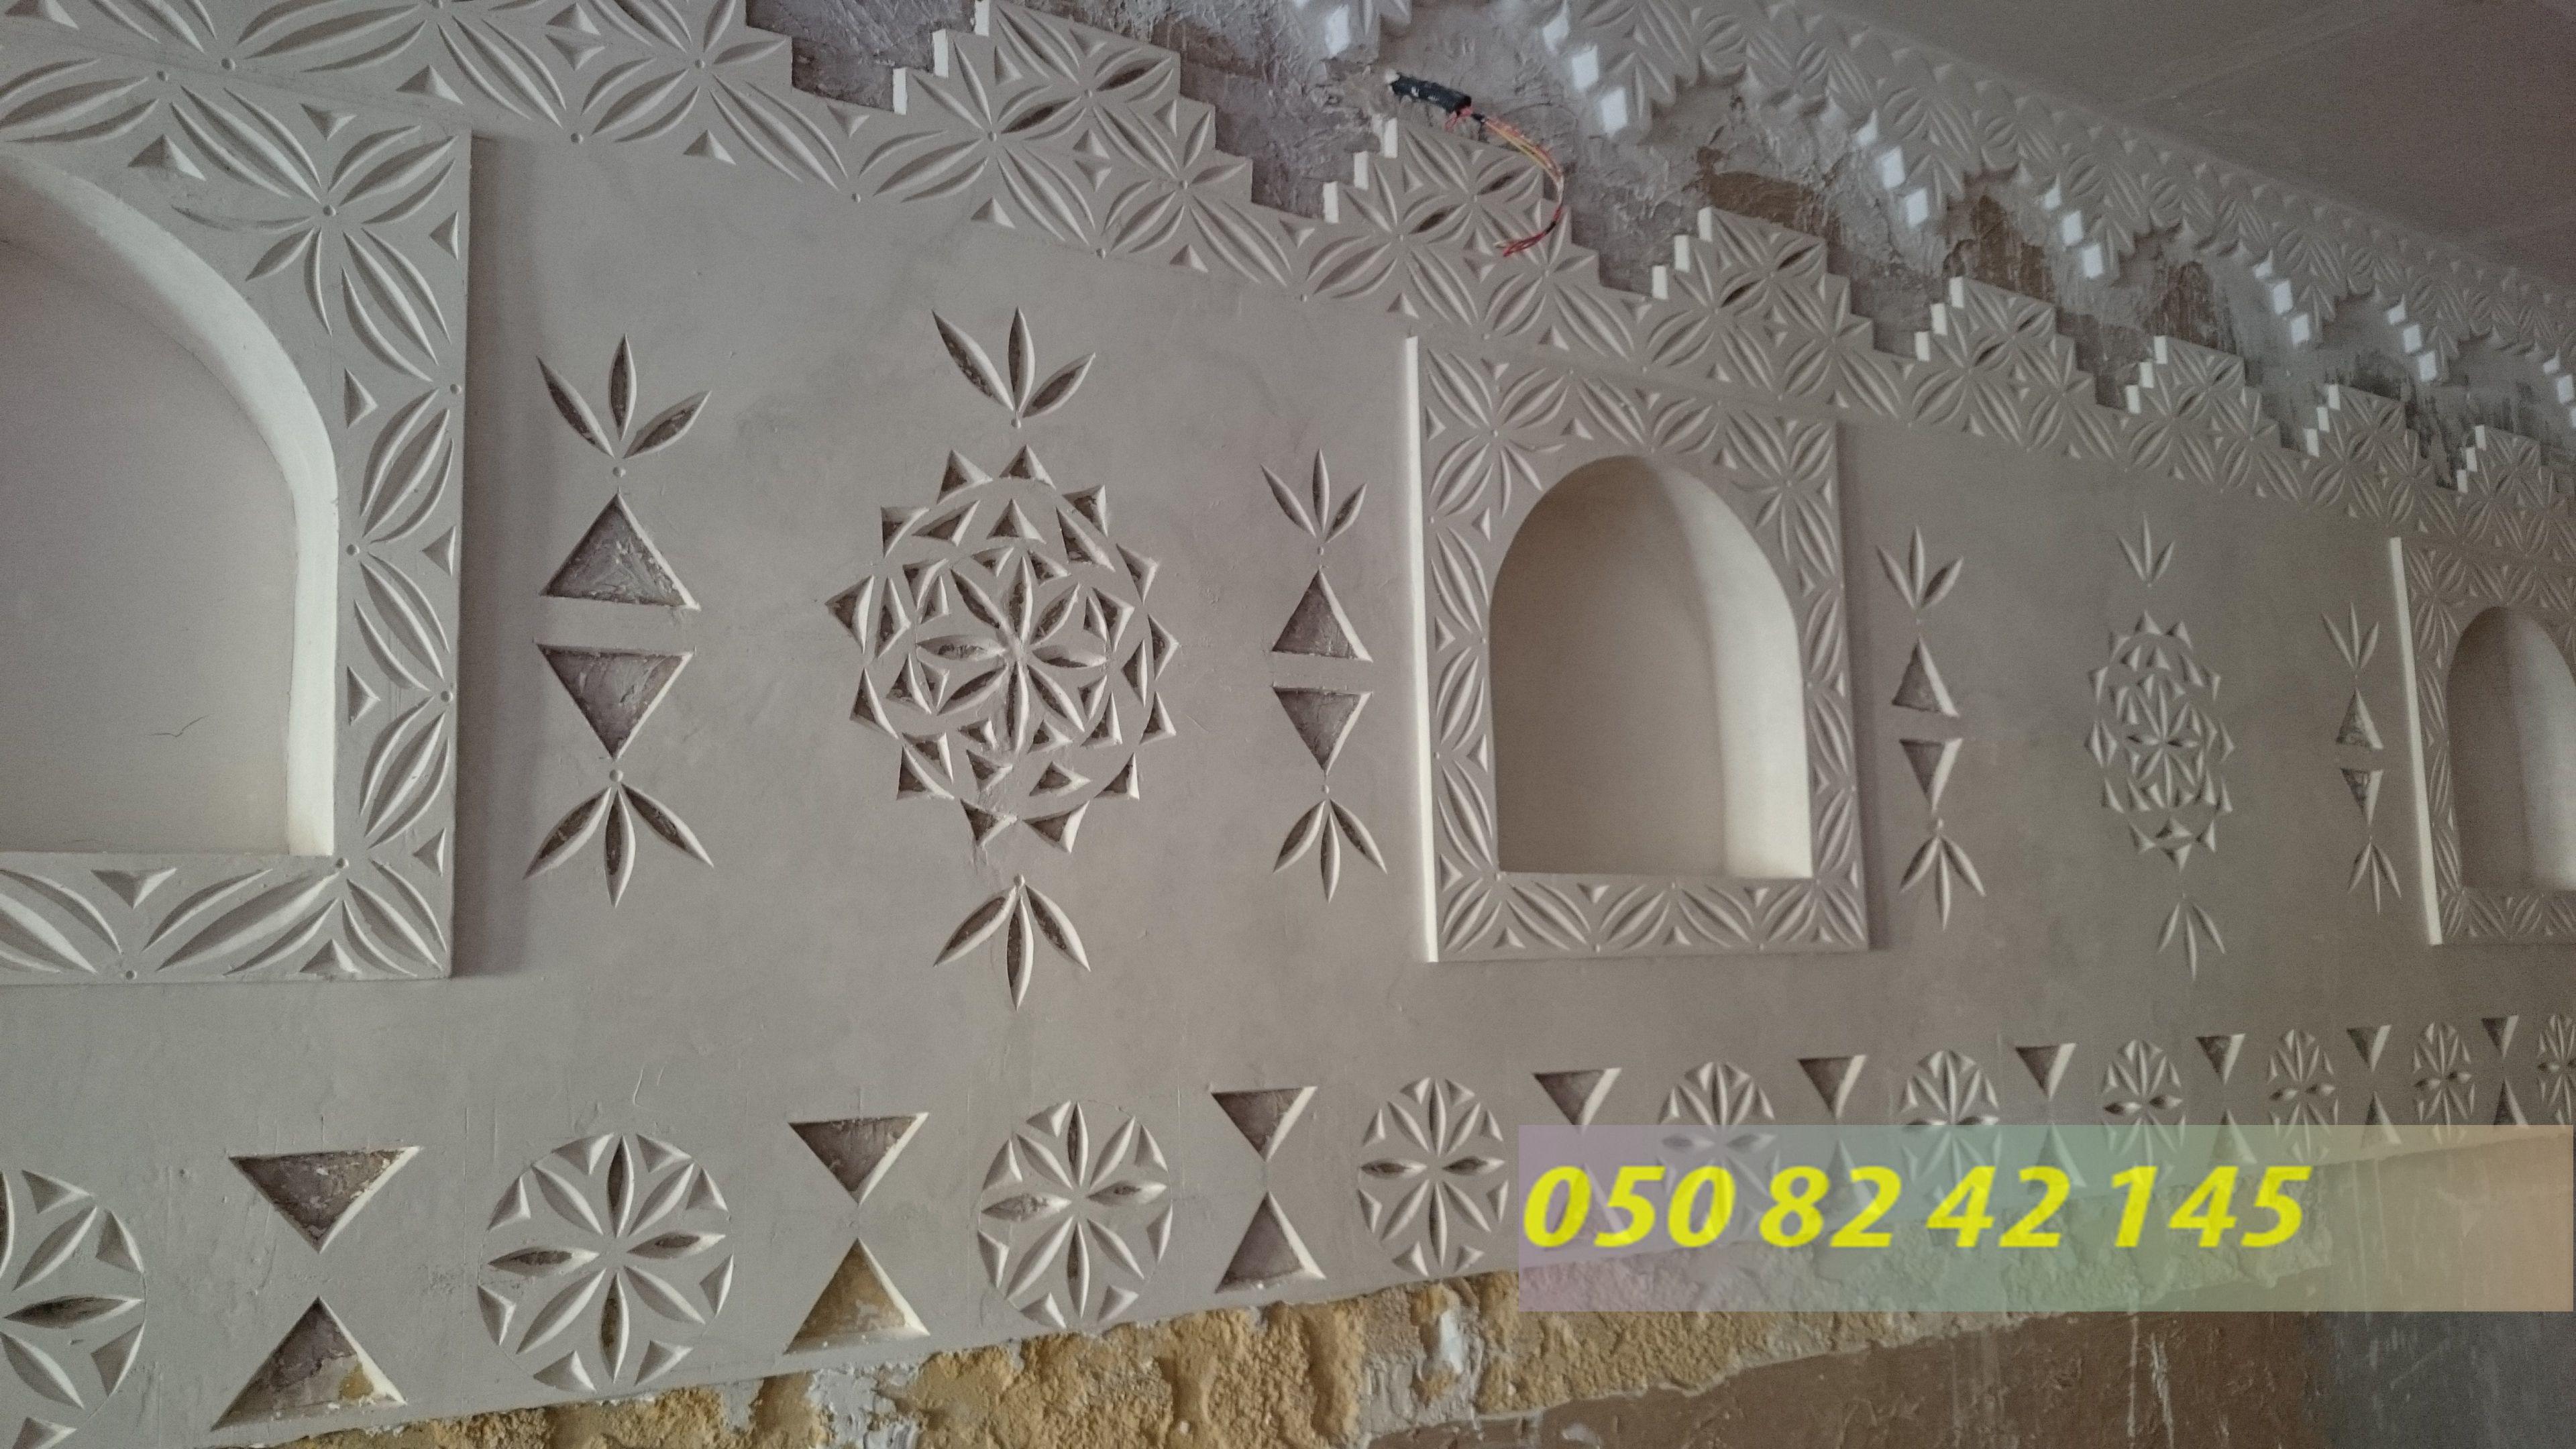 تراث مجالس تراثيه غرف تراثيه مجالس شعبيه مشب تراثي مشبات تراثيه Home Decor Decals Decor Home Decor